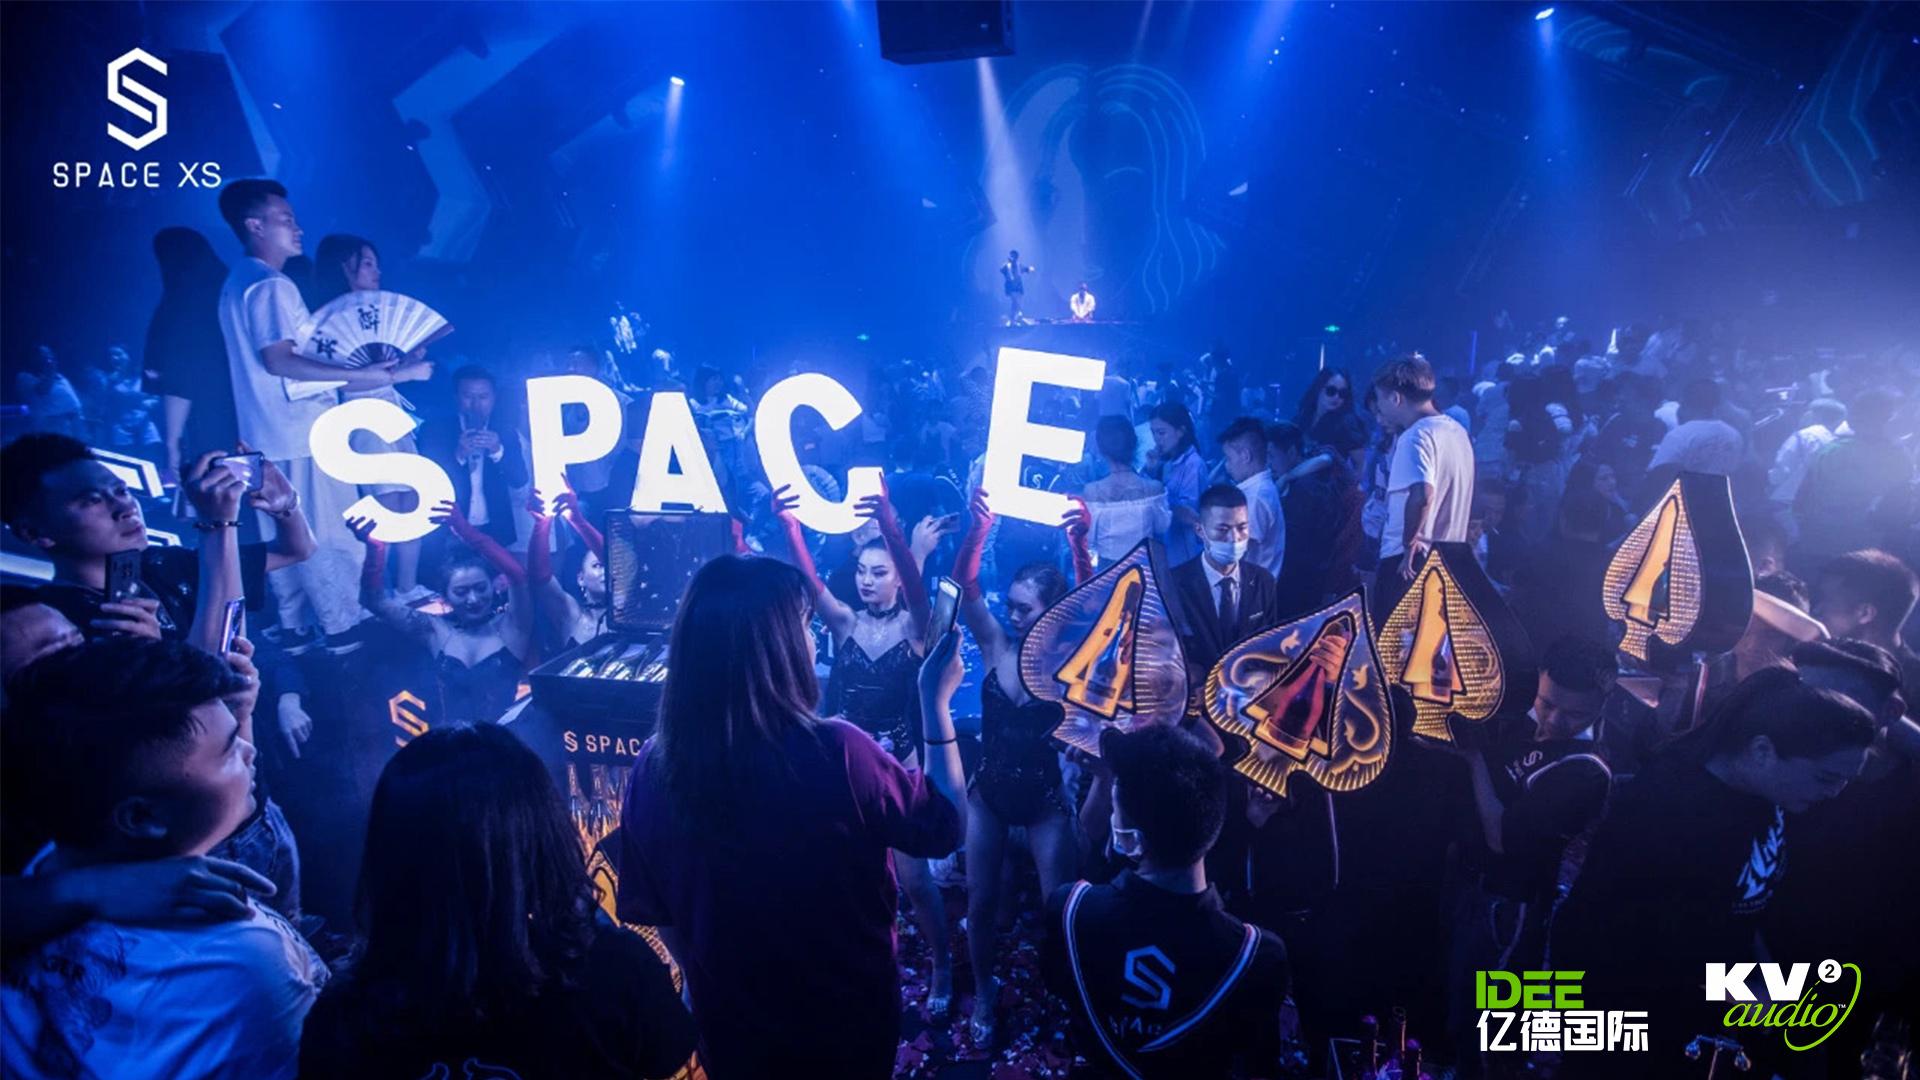 毕节·SPACE XS CLUB